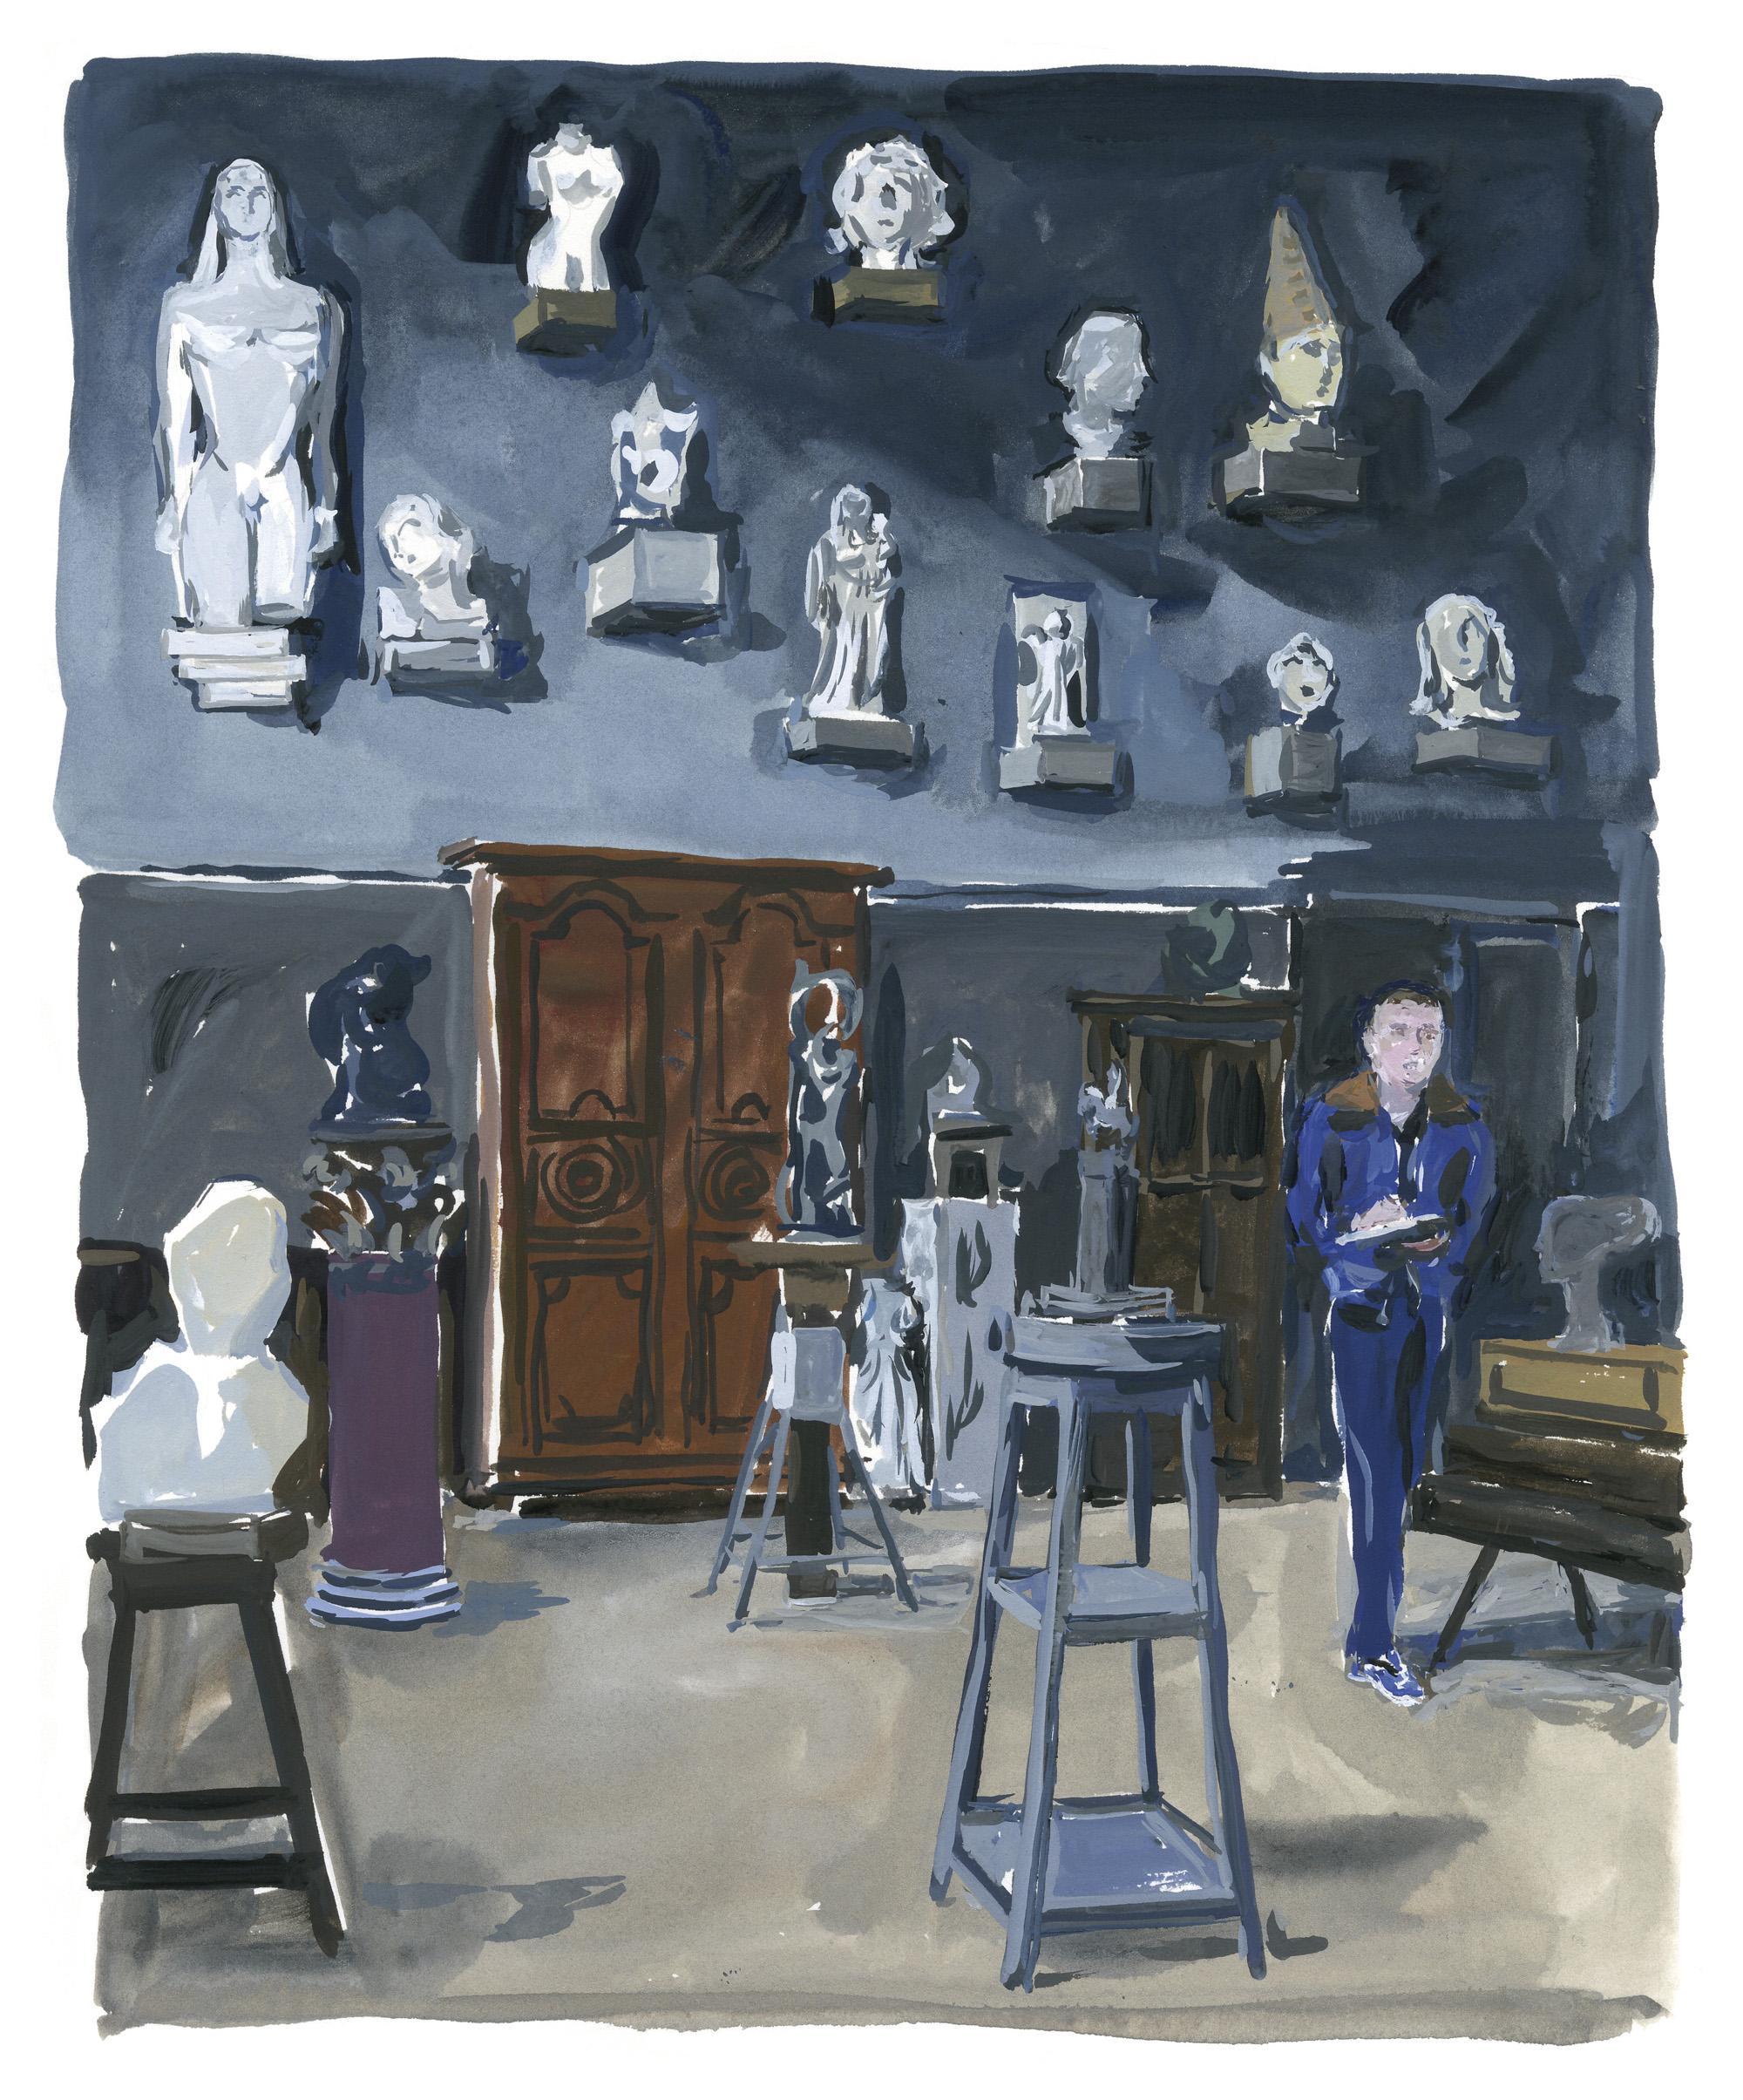 Pariser Tagebuch: Im Musée Bourdelle